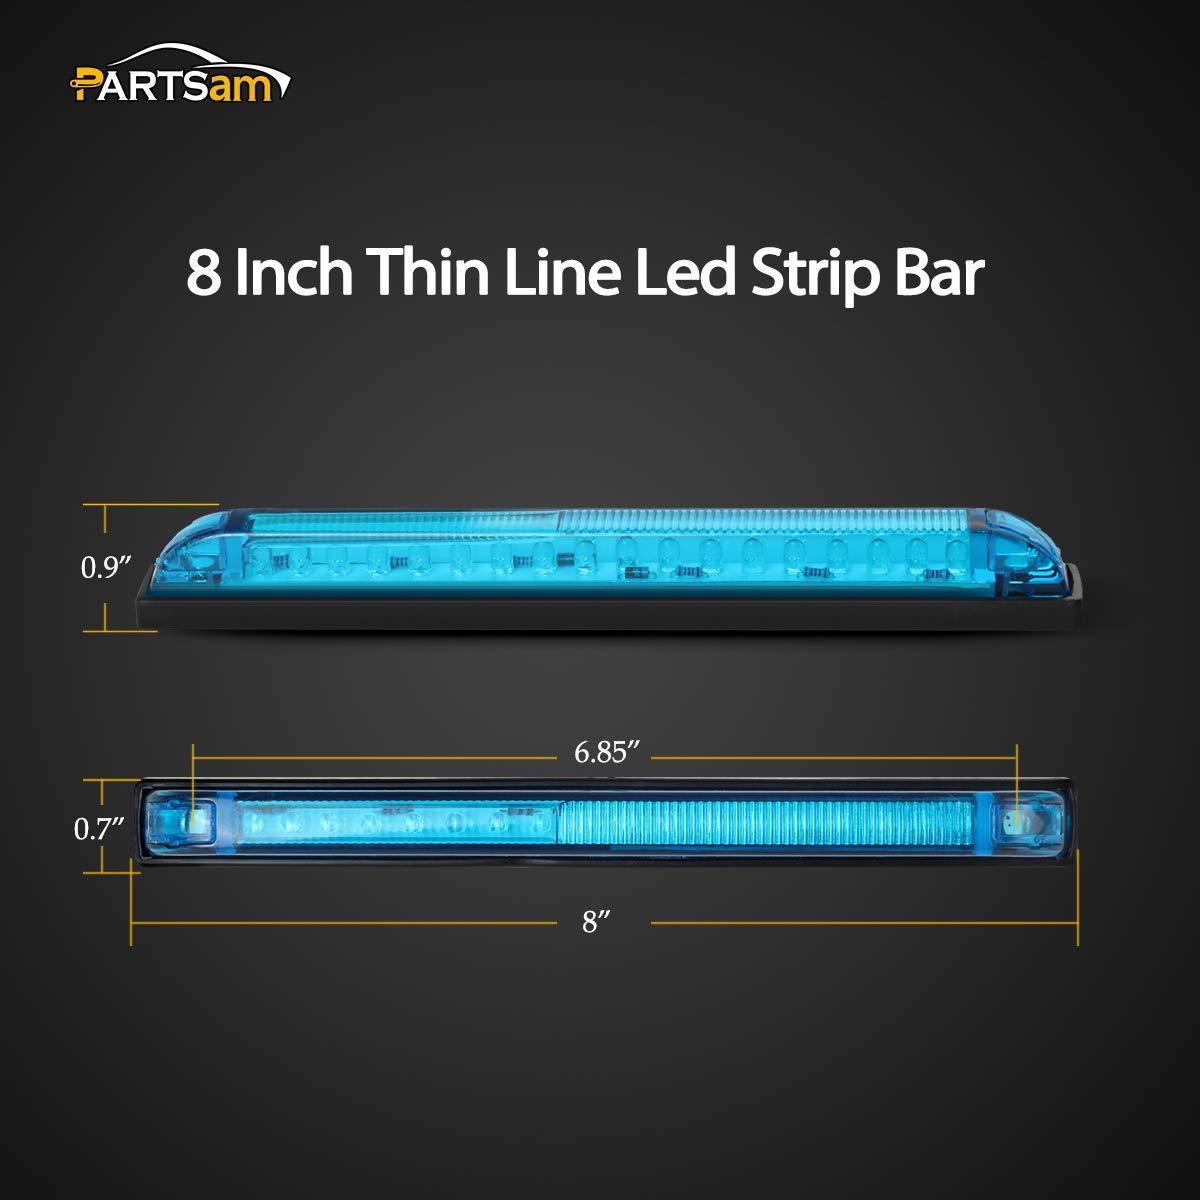 Slim Line RV Boat Marine Led Utility Lights Surface Mount Partsam 2pcs Blue 8 Inch Blue Led Strip Bar 18LED 8 Utility Strip Light Bar Auto Marker Light 12V Low Current Draw